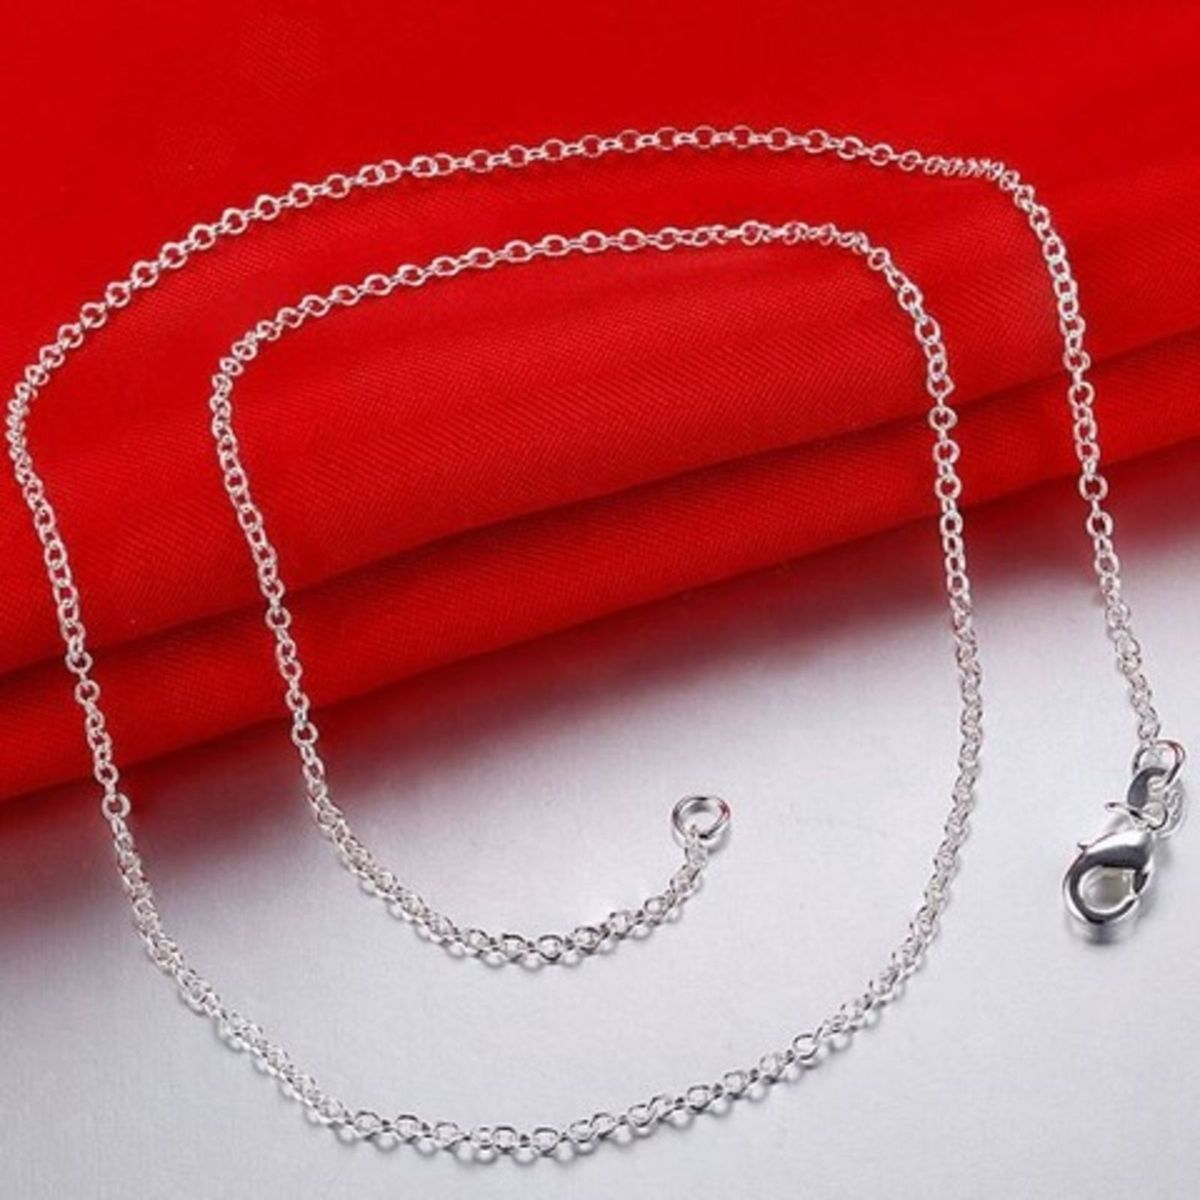 65e22f899be Corrente Cartier Unissex - Banhada em Prata 925 Frete Gratis ...